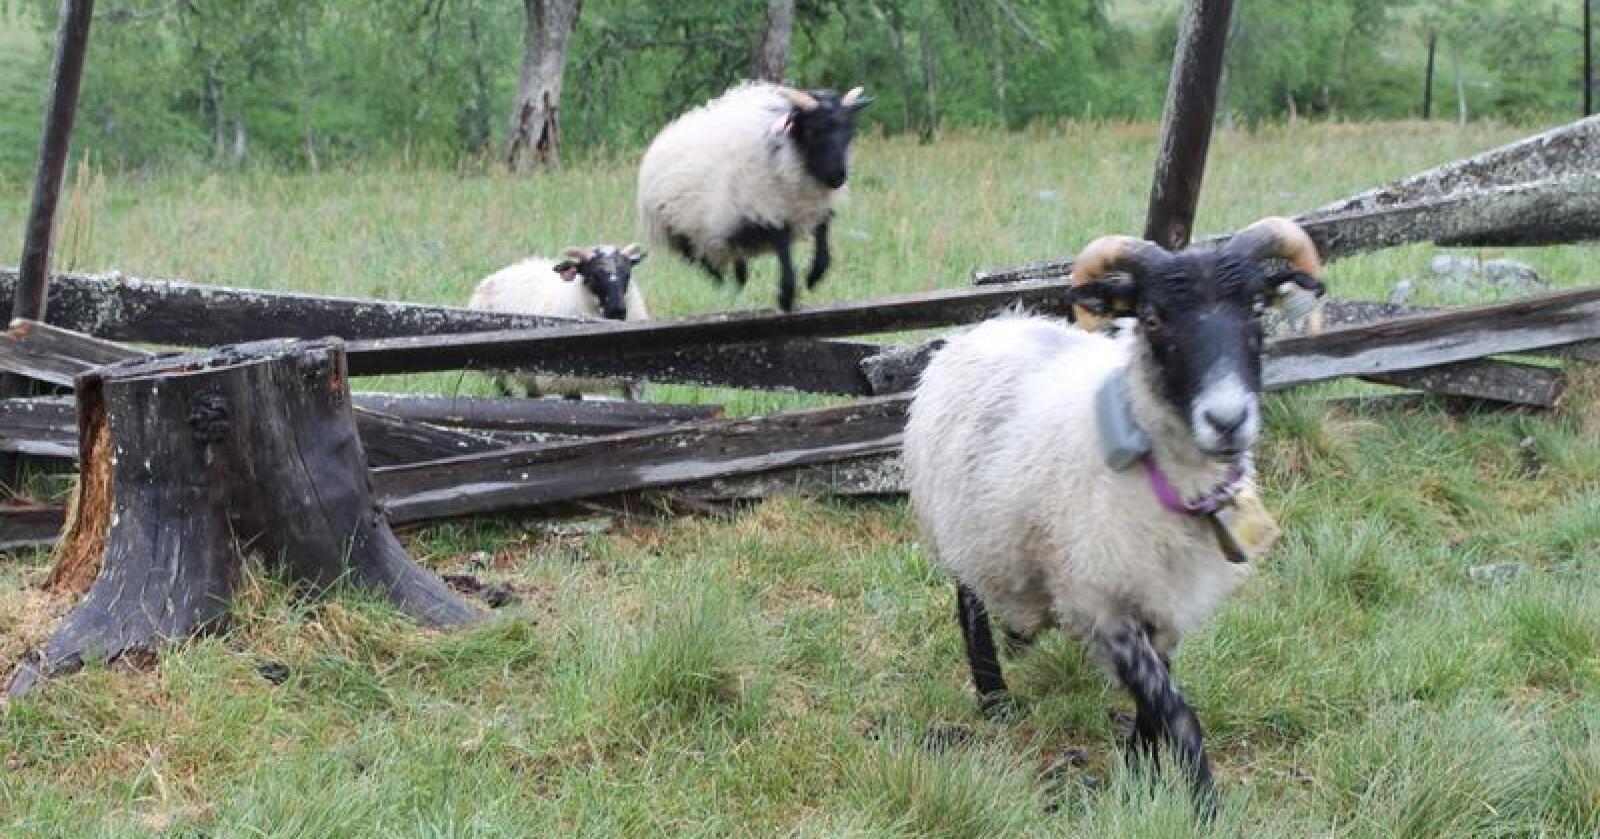 Lengre beitesesong, og kanskje også litt nedbør, kan gjøre en liten sau hoppende glad! Foto: Marit Glærum.